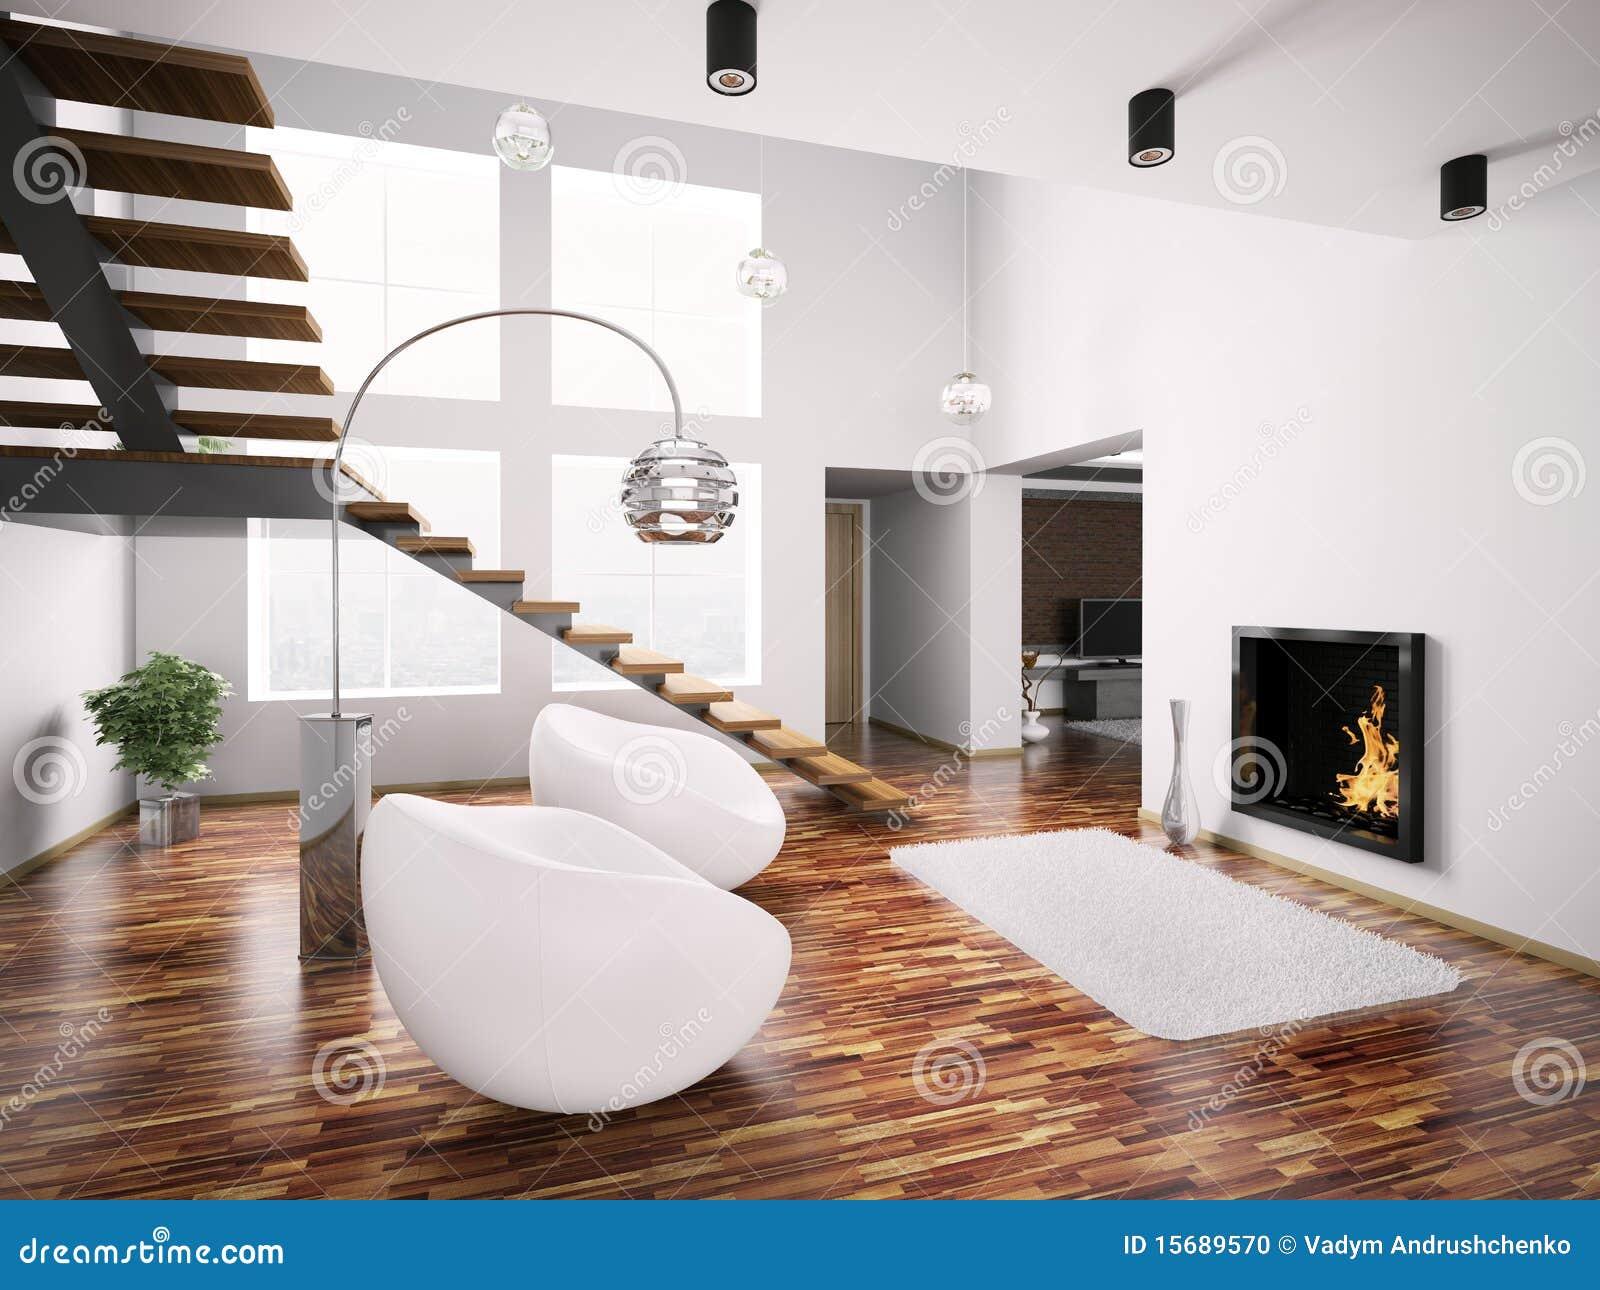 Moderner Innenraum Mit Kamin Und Treppenhaus 3d Stockfoto - Bild: 15689570